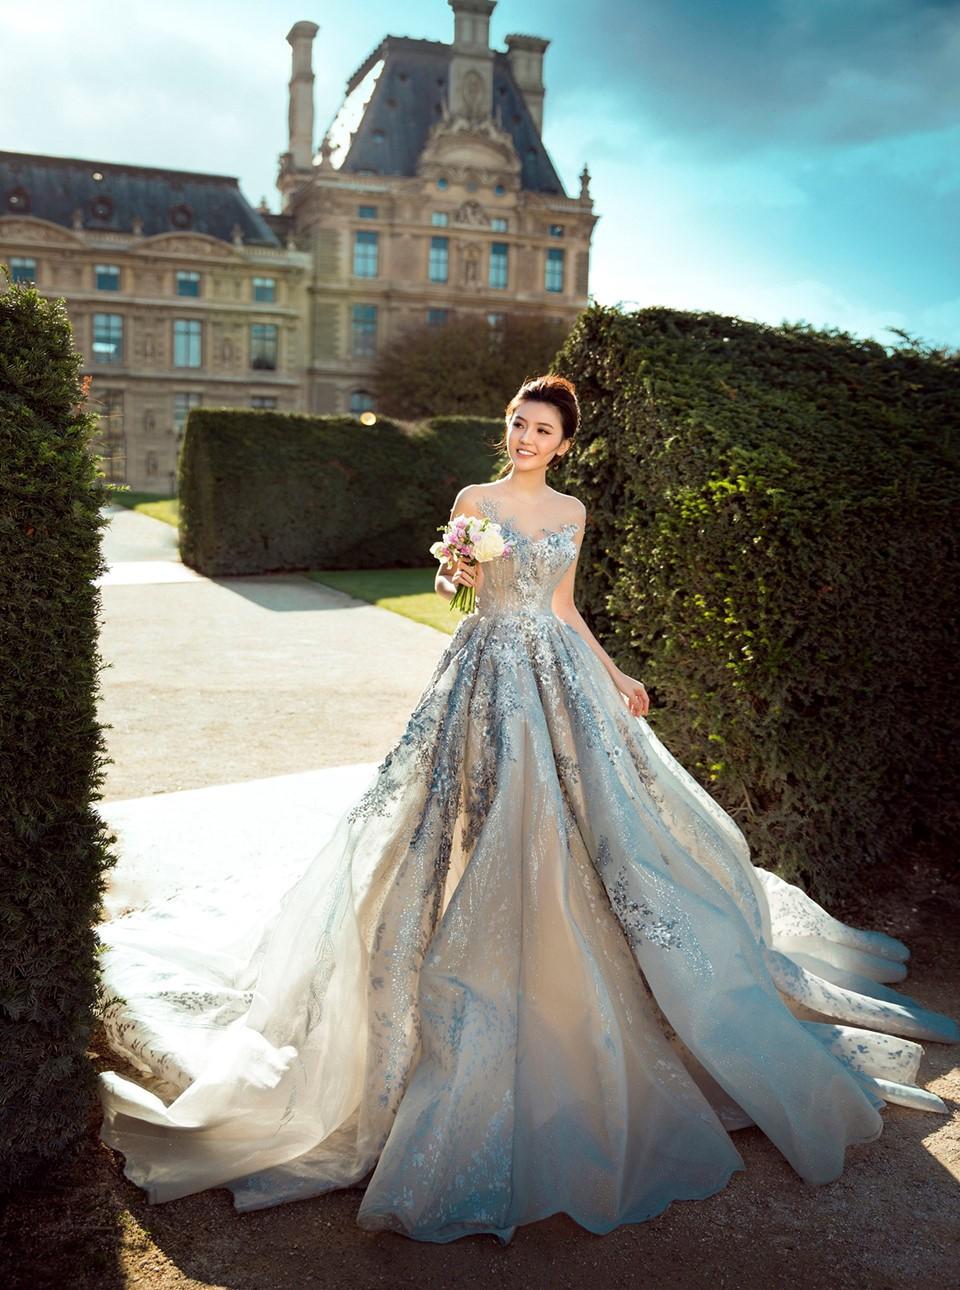 Hé lộ thiệp mời đám cưới của Nữ hoàng sắc đẹp Ngọc Duyên và chồng tỷ phú hơn 18 tuổi - Ảnh 4.